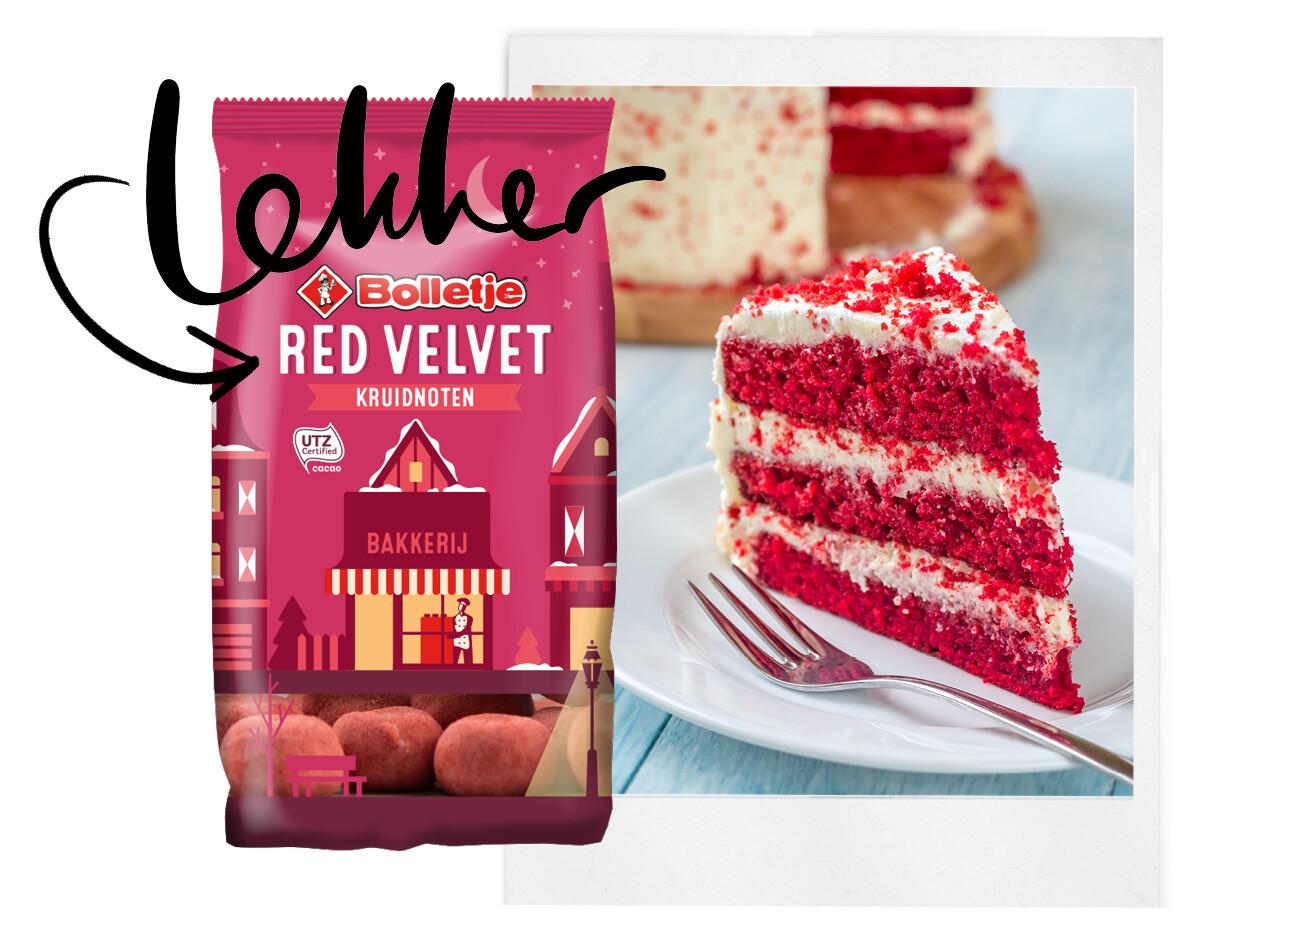 Wow: red velvet kruidnoten te koop